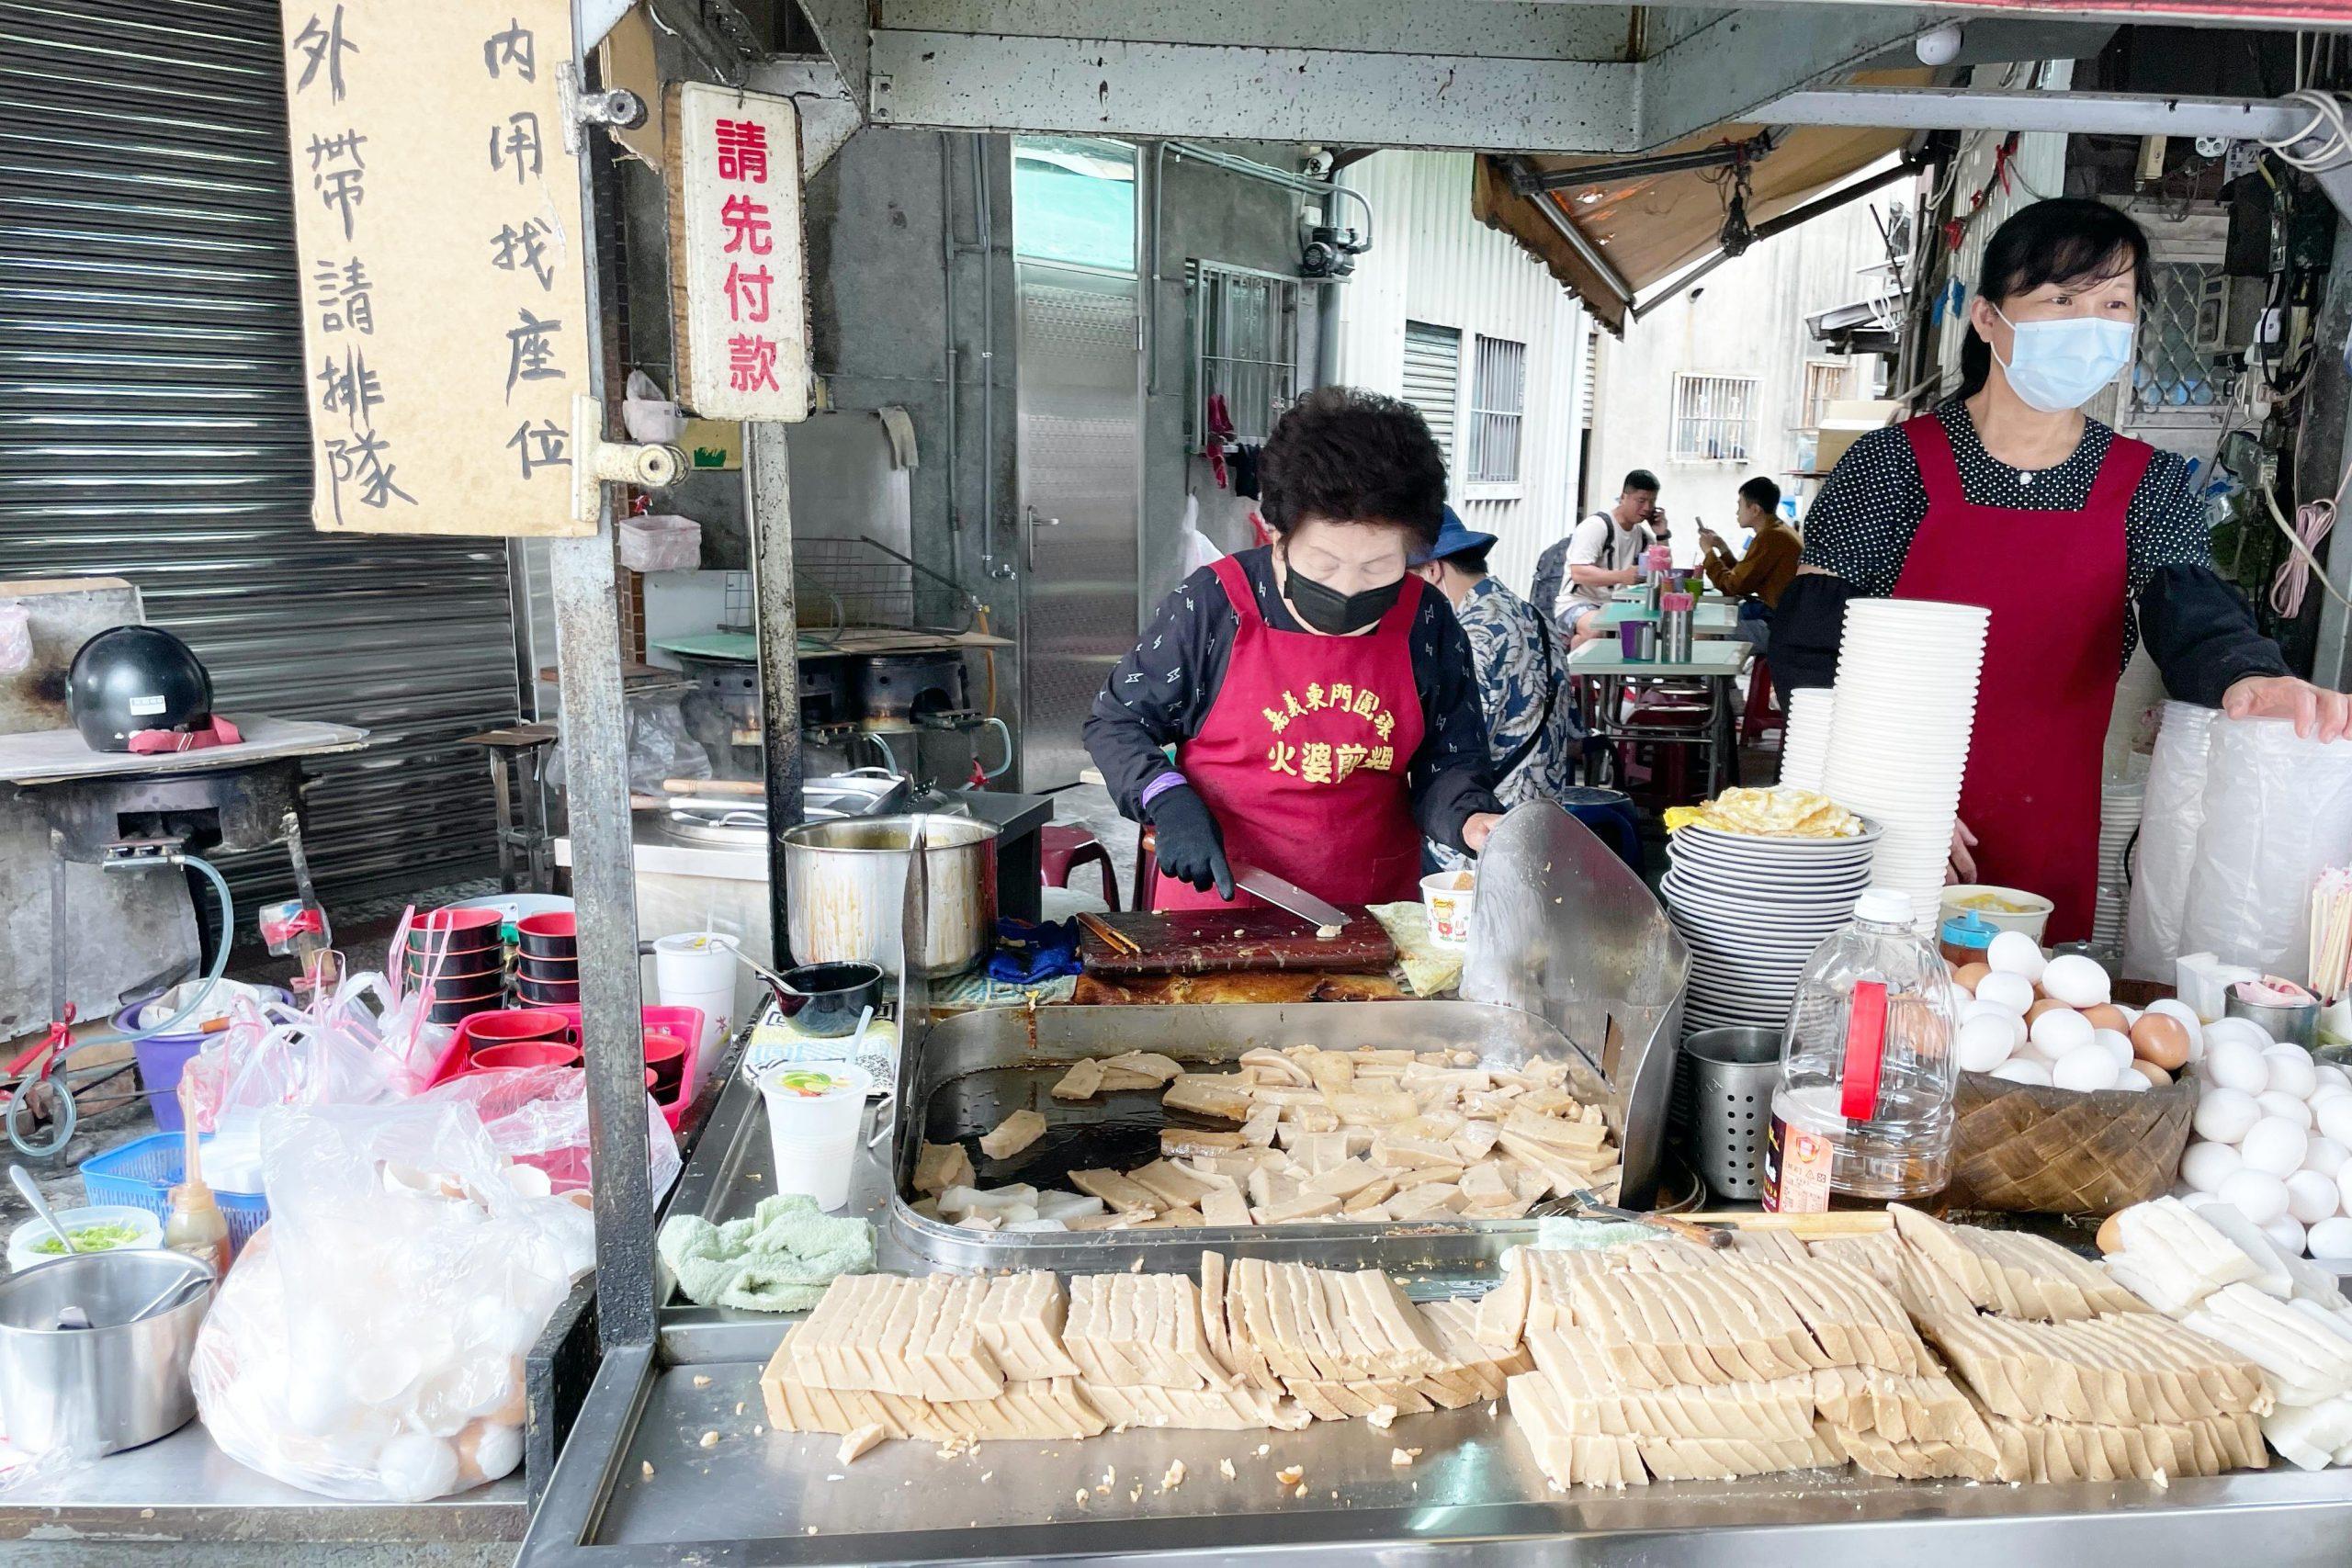 今日熱門文章:【嘉義美食】東門圓環火婆煎粿,嘉義早餐推薦